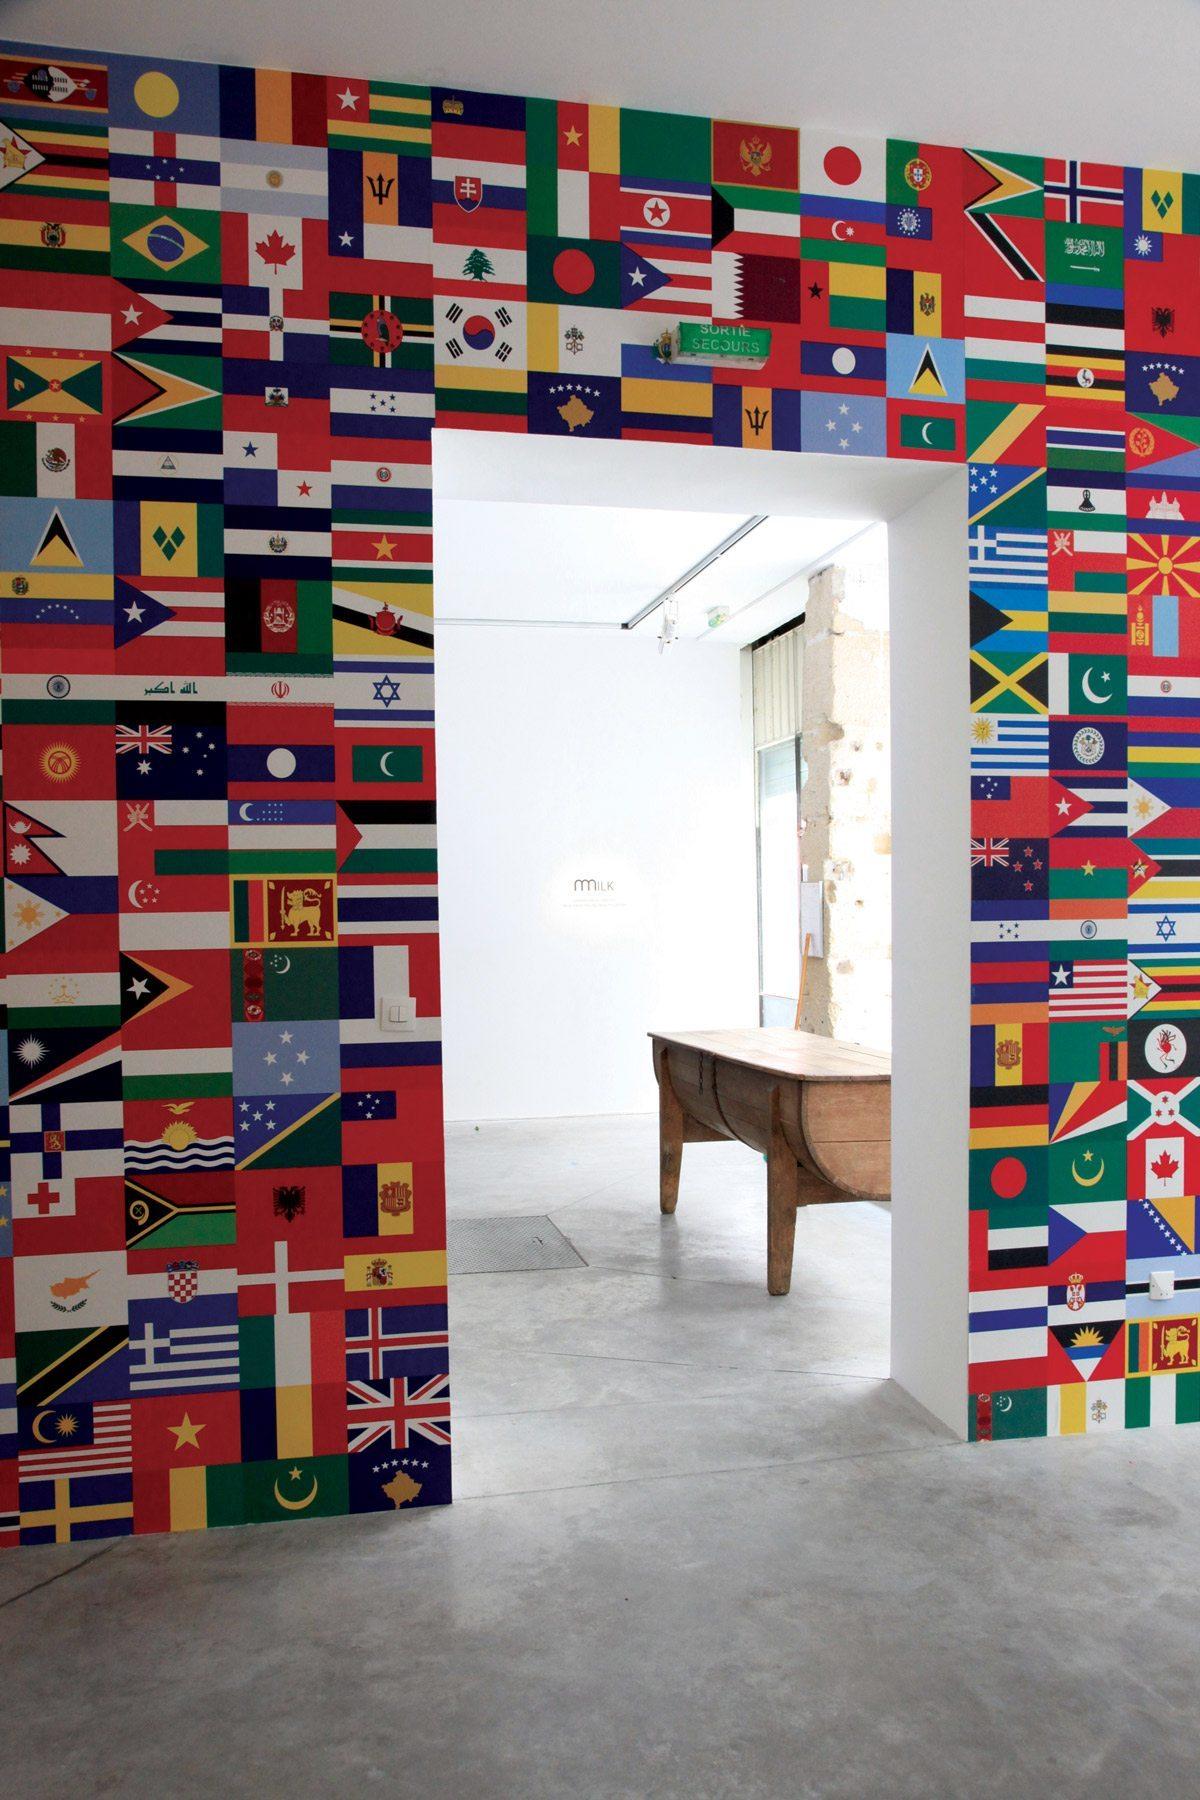 exposition laits du monde papier peint abcdrapeaux drapeaux du monde